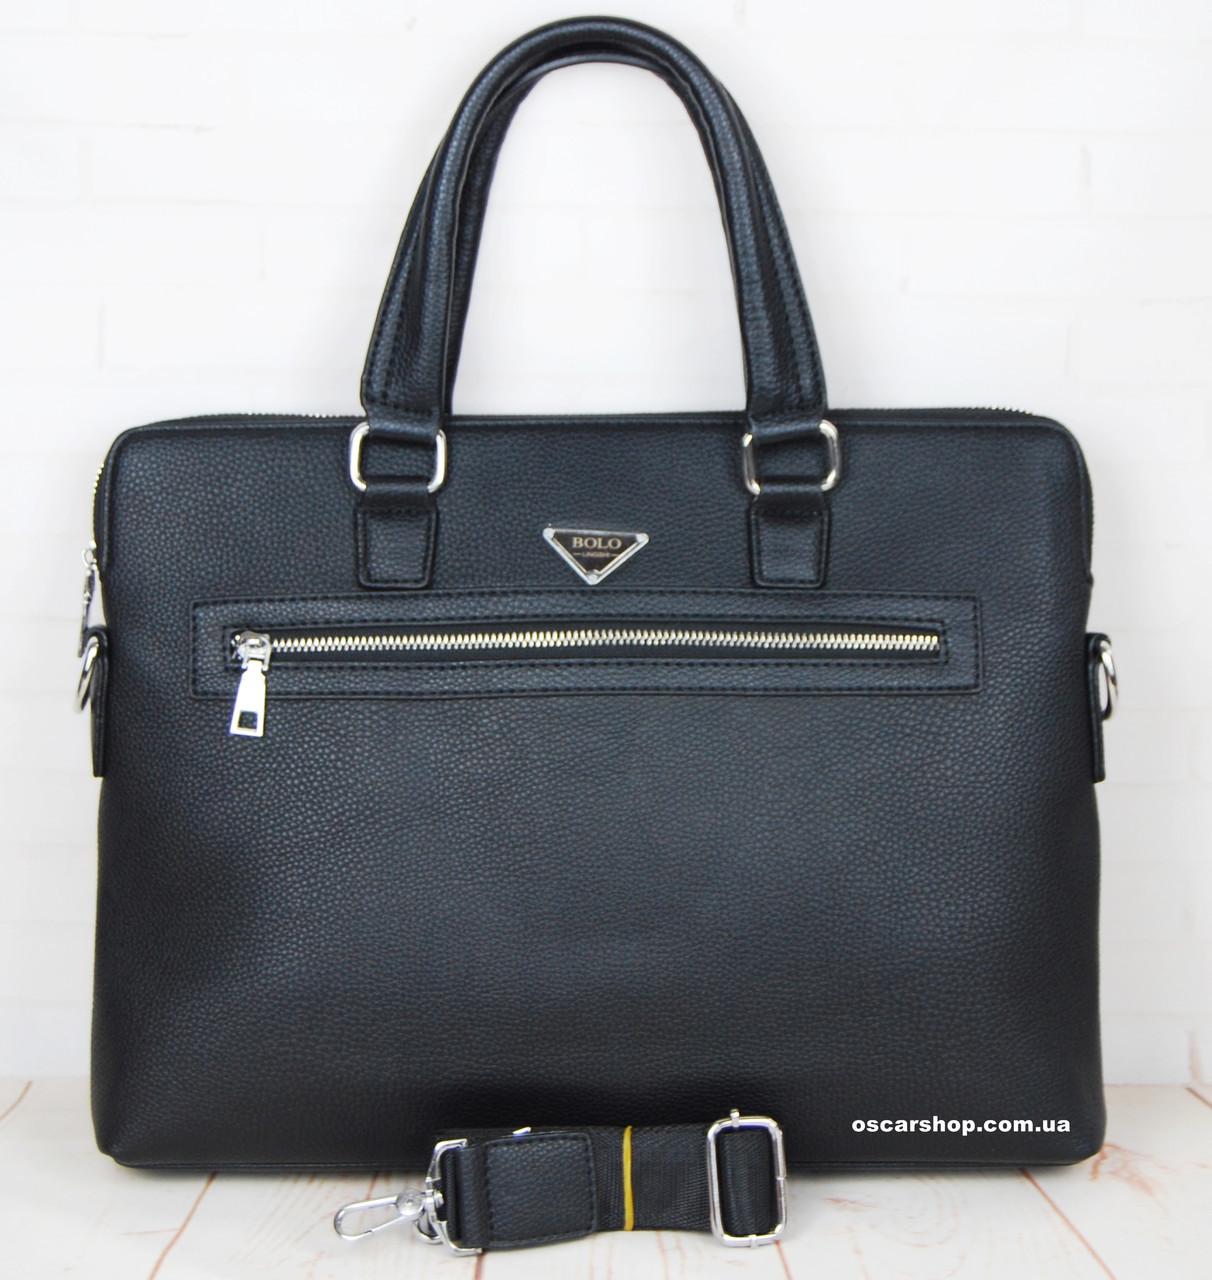 64ca758091c9 Портфель мужской под ноутбук. Мужская сумка Bolo формат А-4 - Интернет- магазин